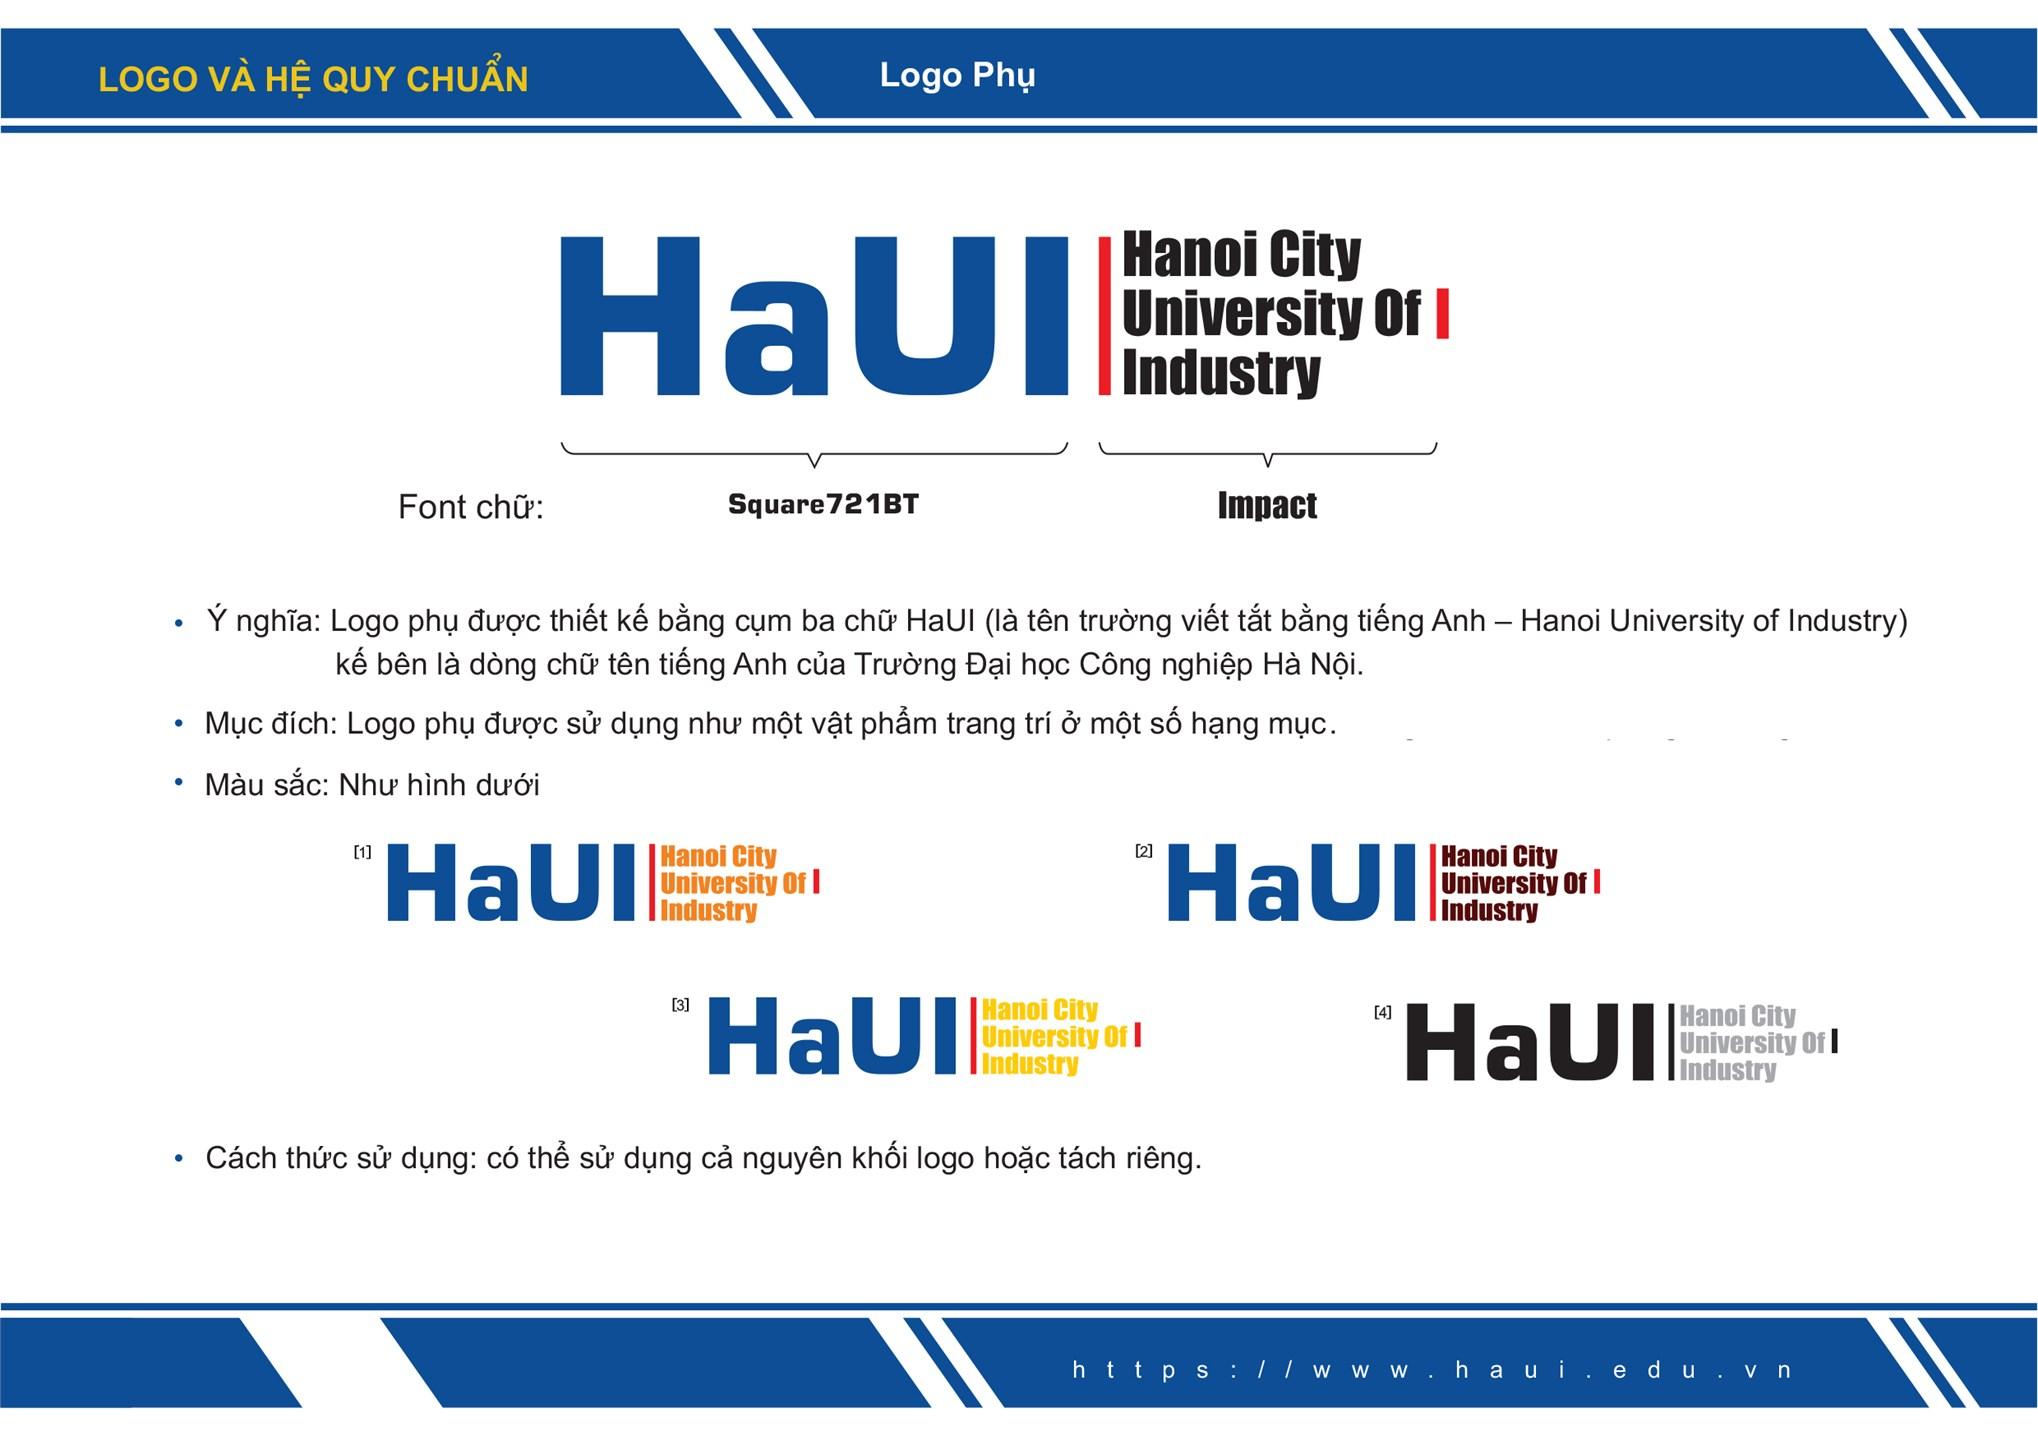 Nhận diện thương hiệu Logo HaUI